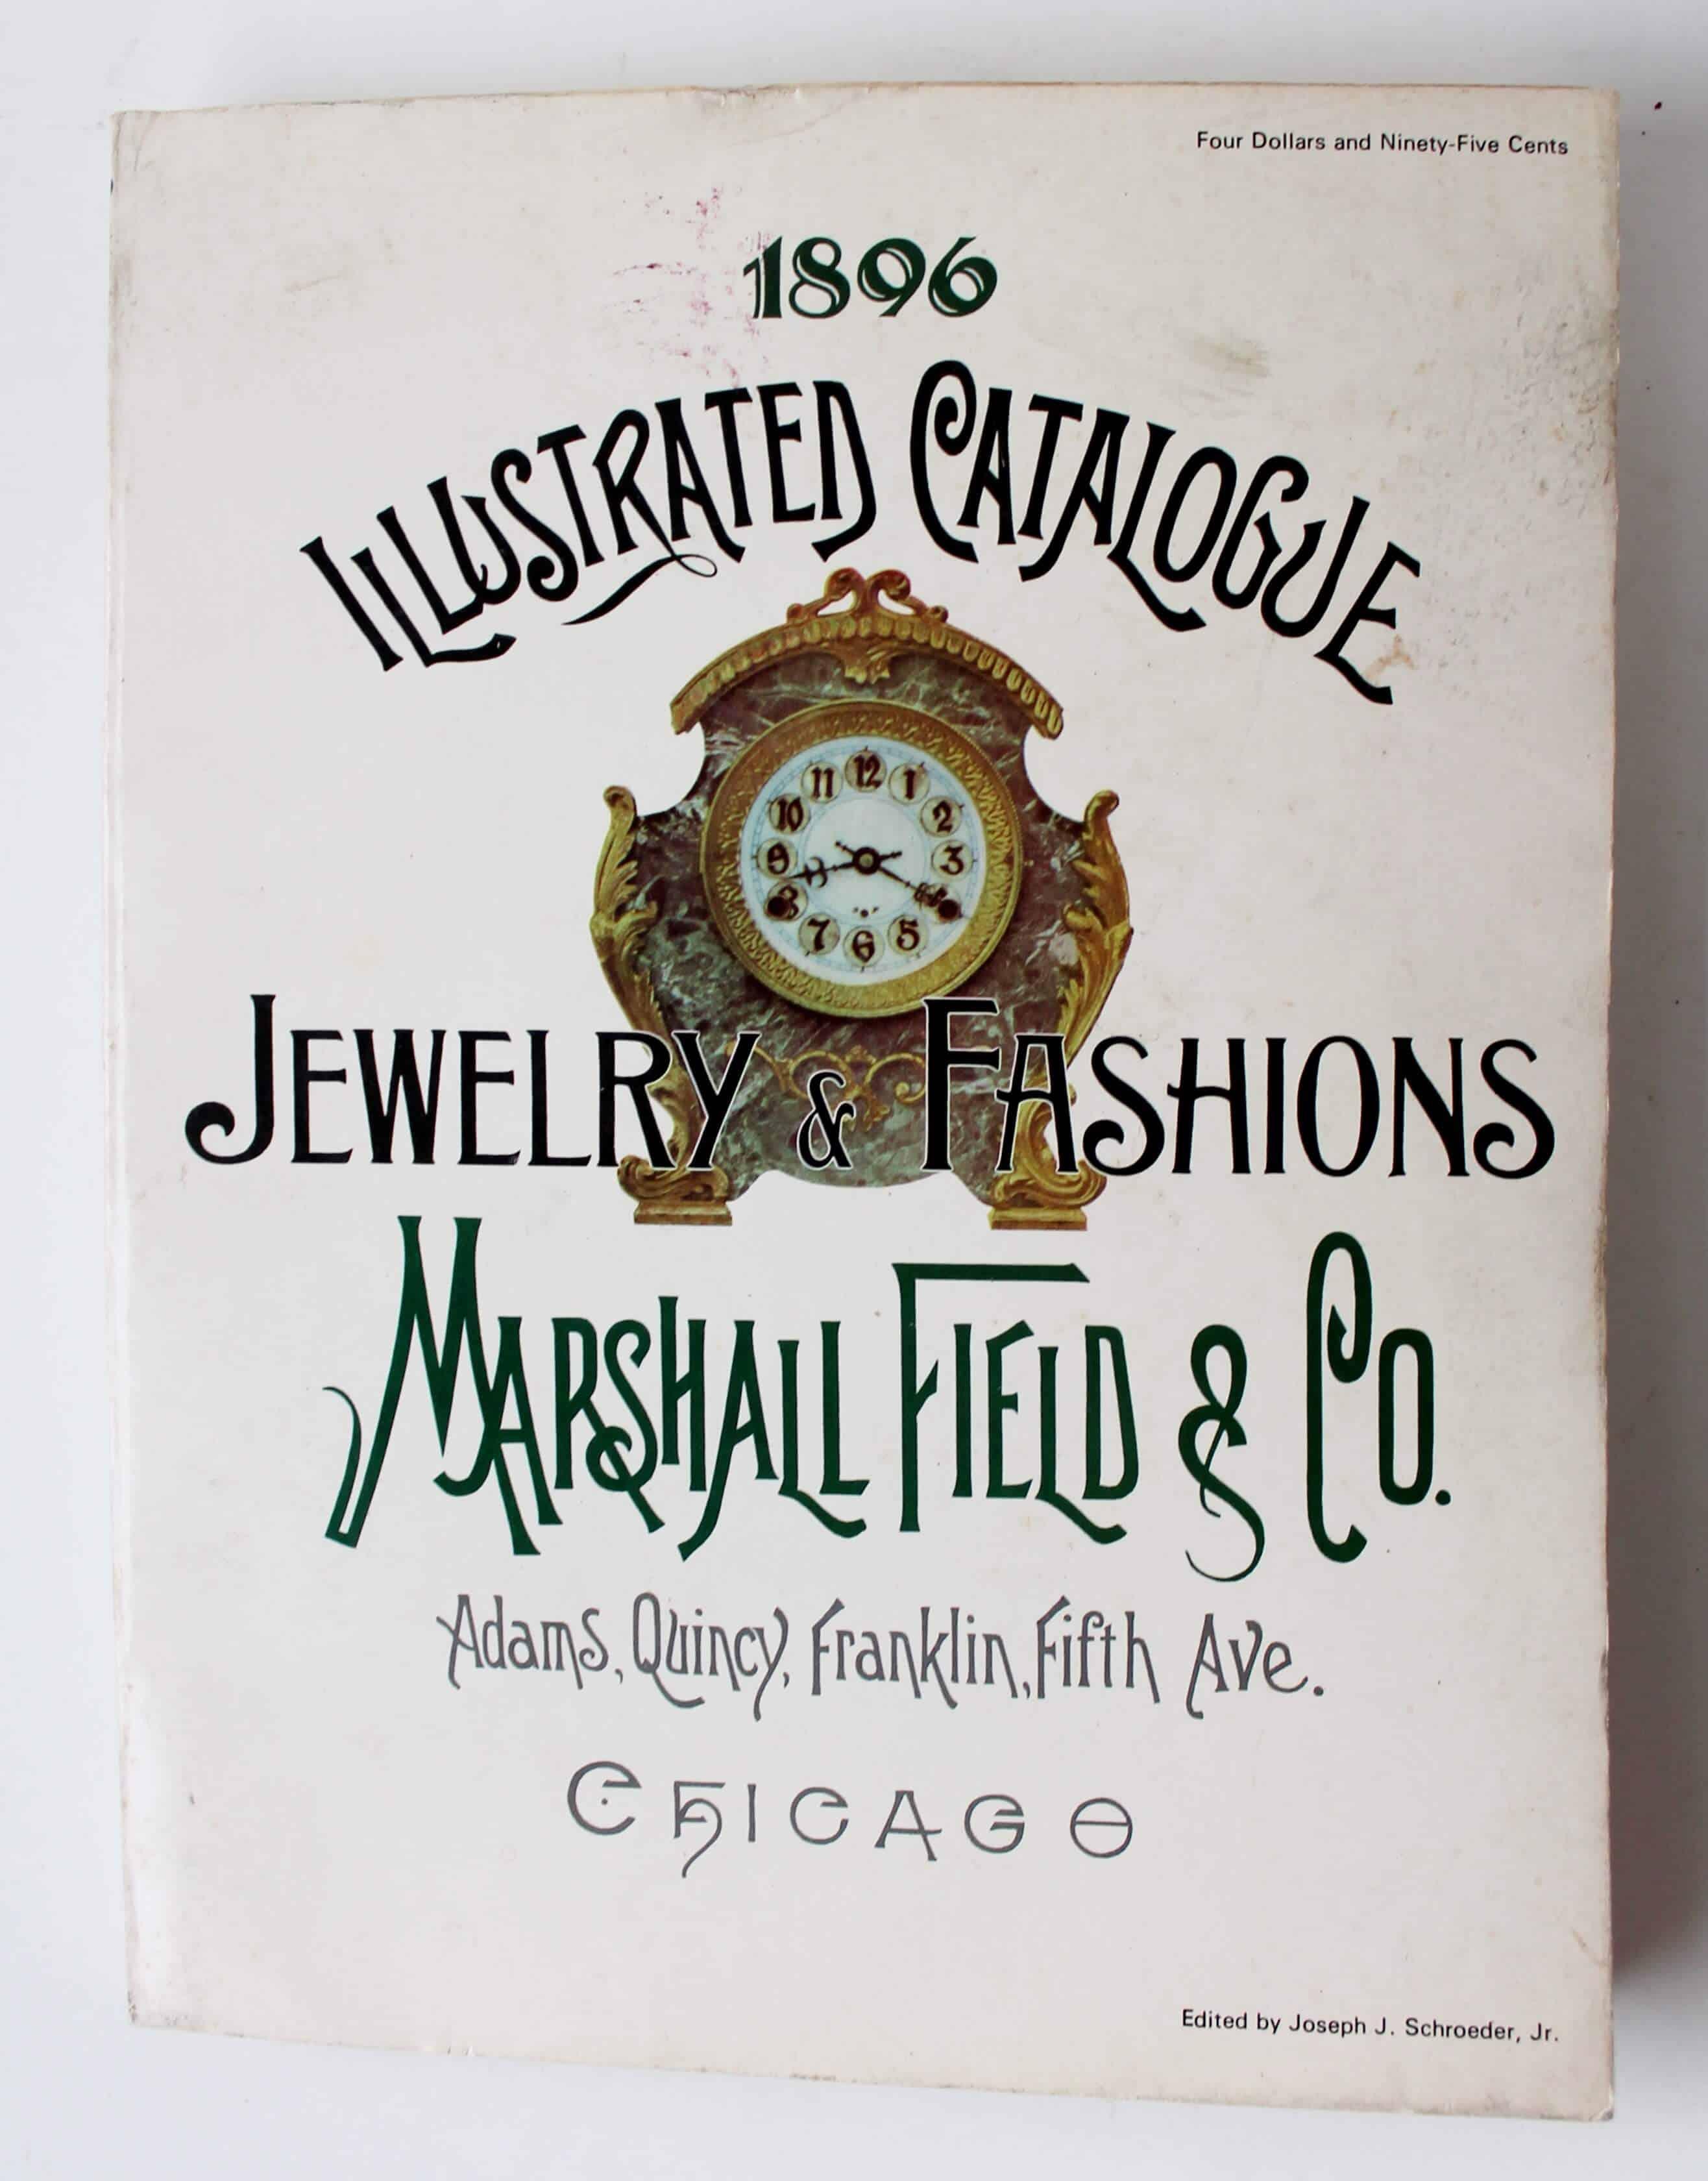 Marshall Fields Jewelry & Fashions